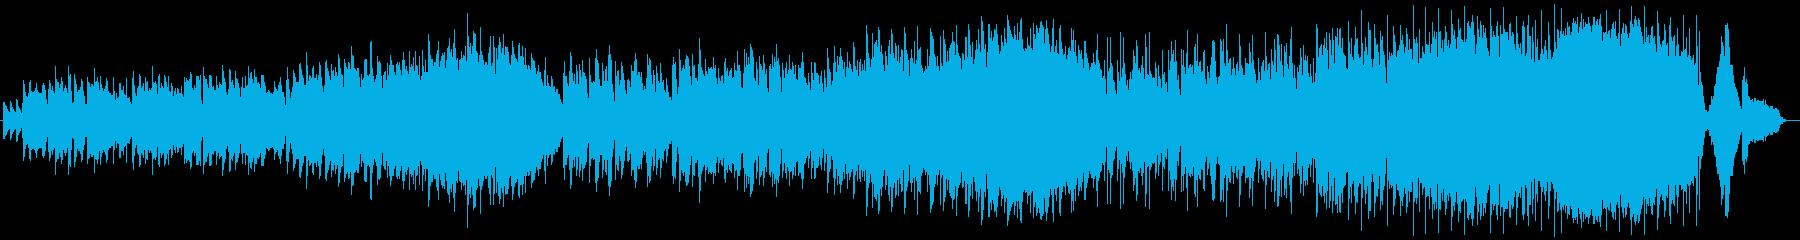 グランドフィナーレを飾る華麗なブライダルの再生済みの波形